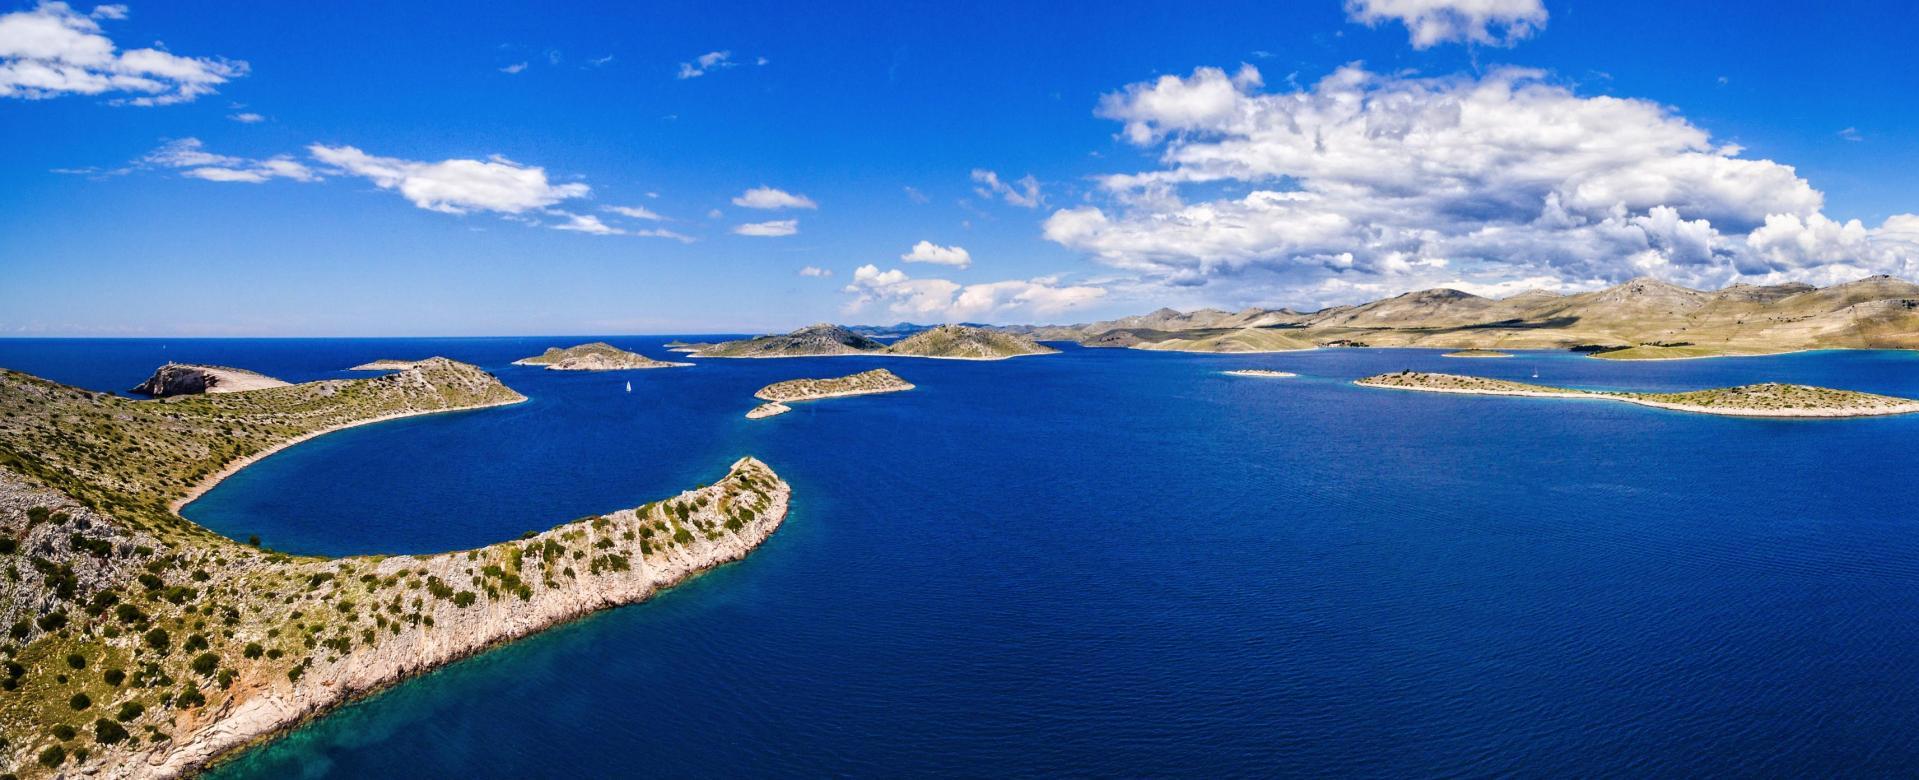 Voyage à pied : Des îles dalmates au monténégro